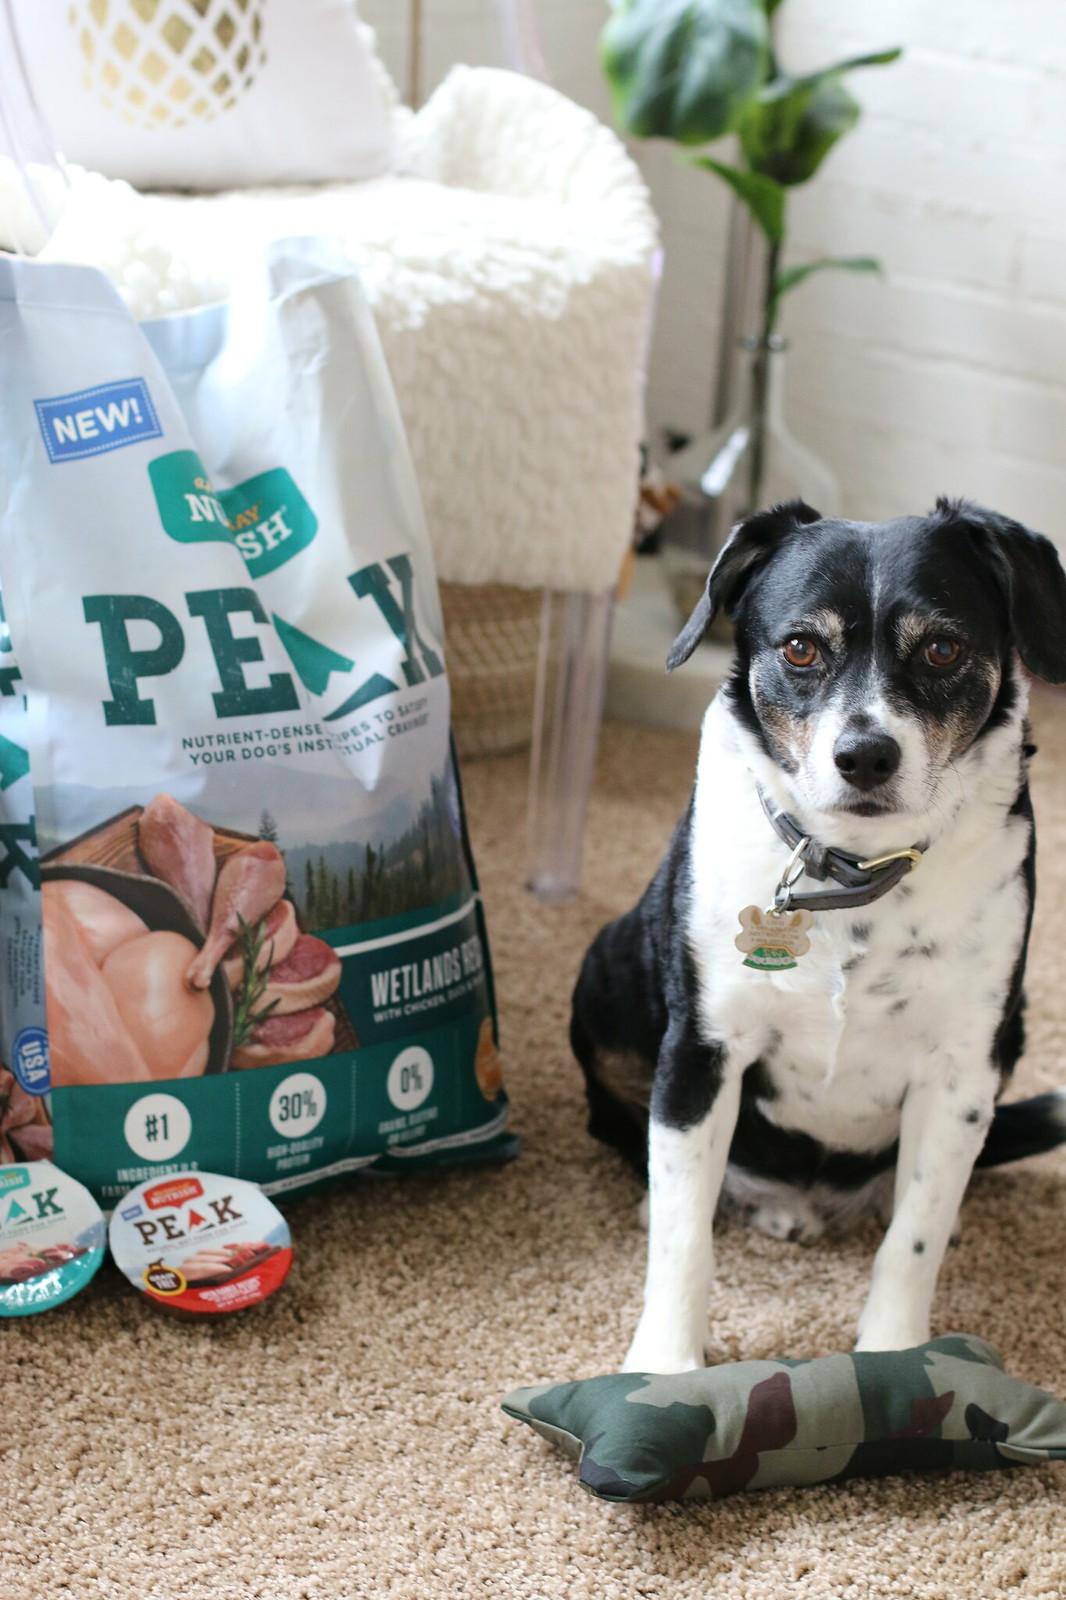 diy-dog-bone-nutrish-peak-dog-food